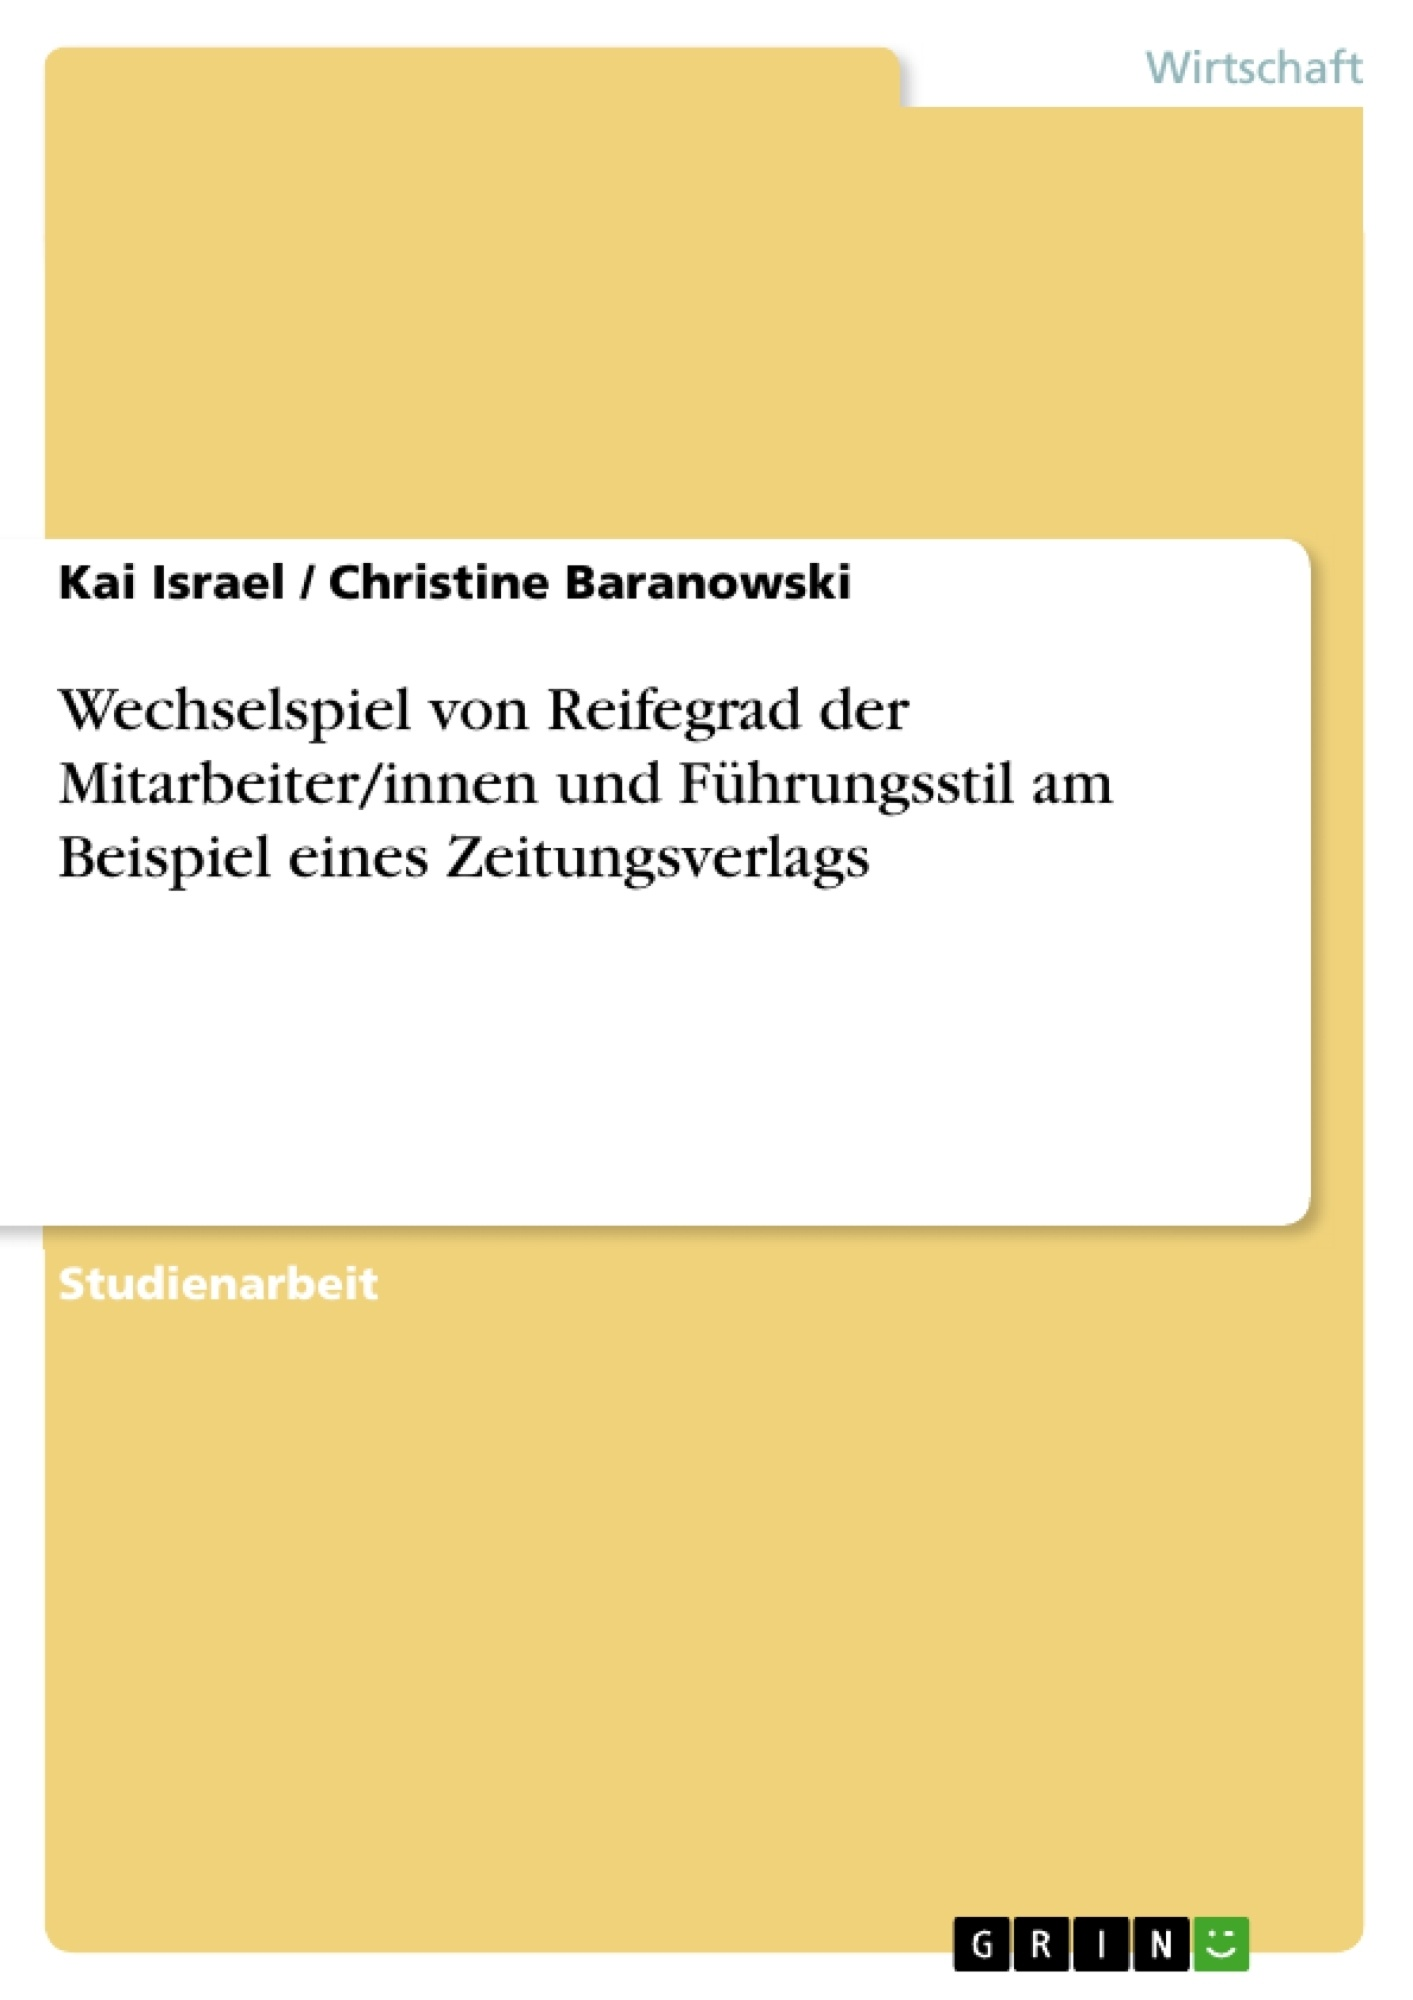 Titel: Wechselspiel von Reifegrad der Mitarbeiter/innen und Führungsstil am Beispiel eines Zeitungsverlags